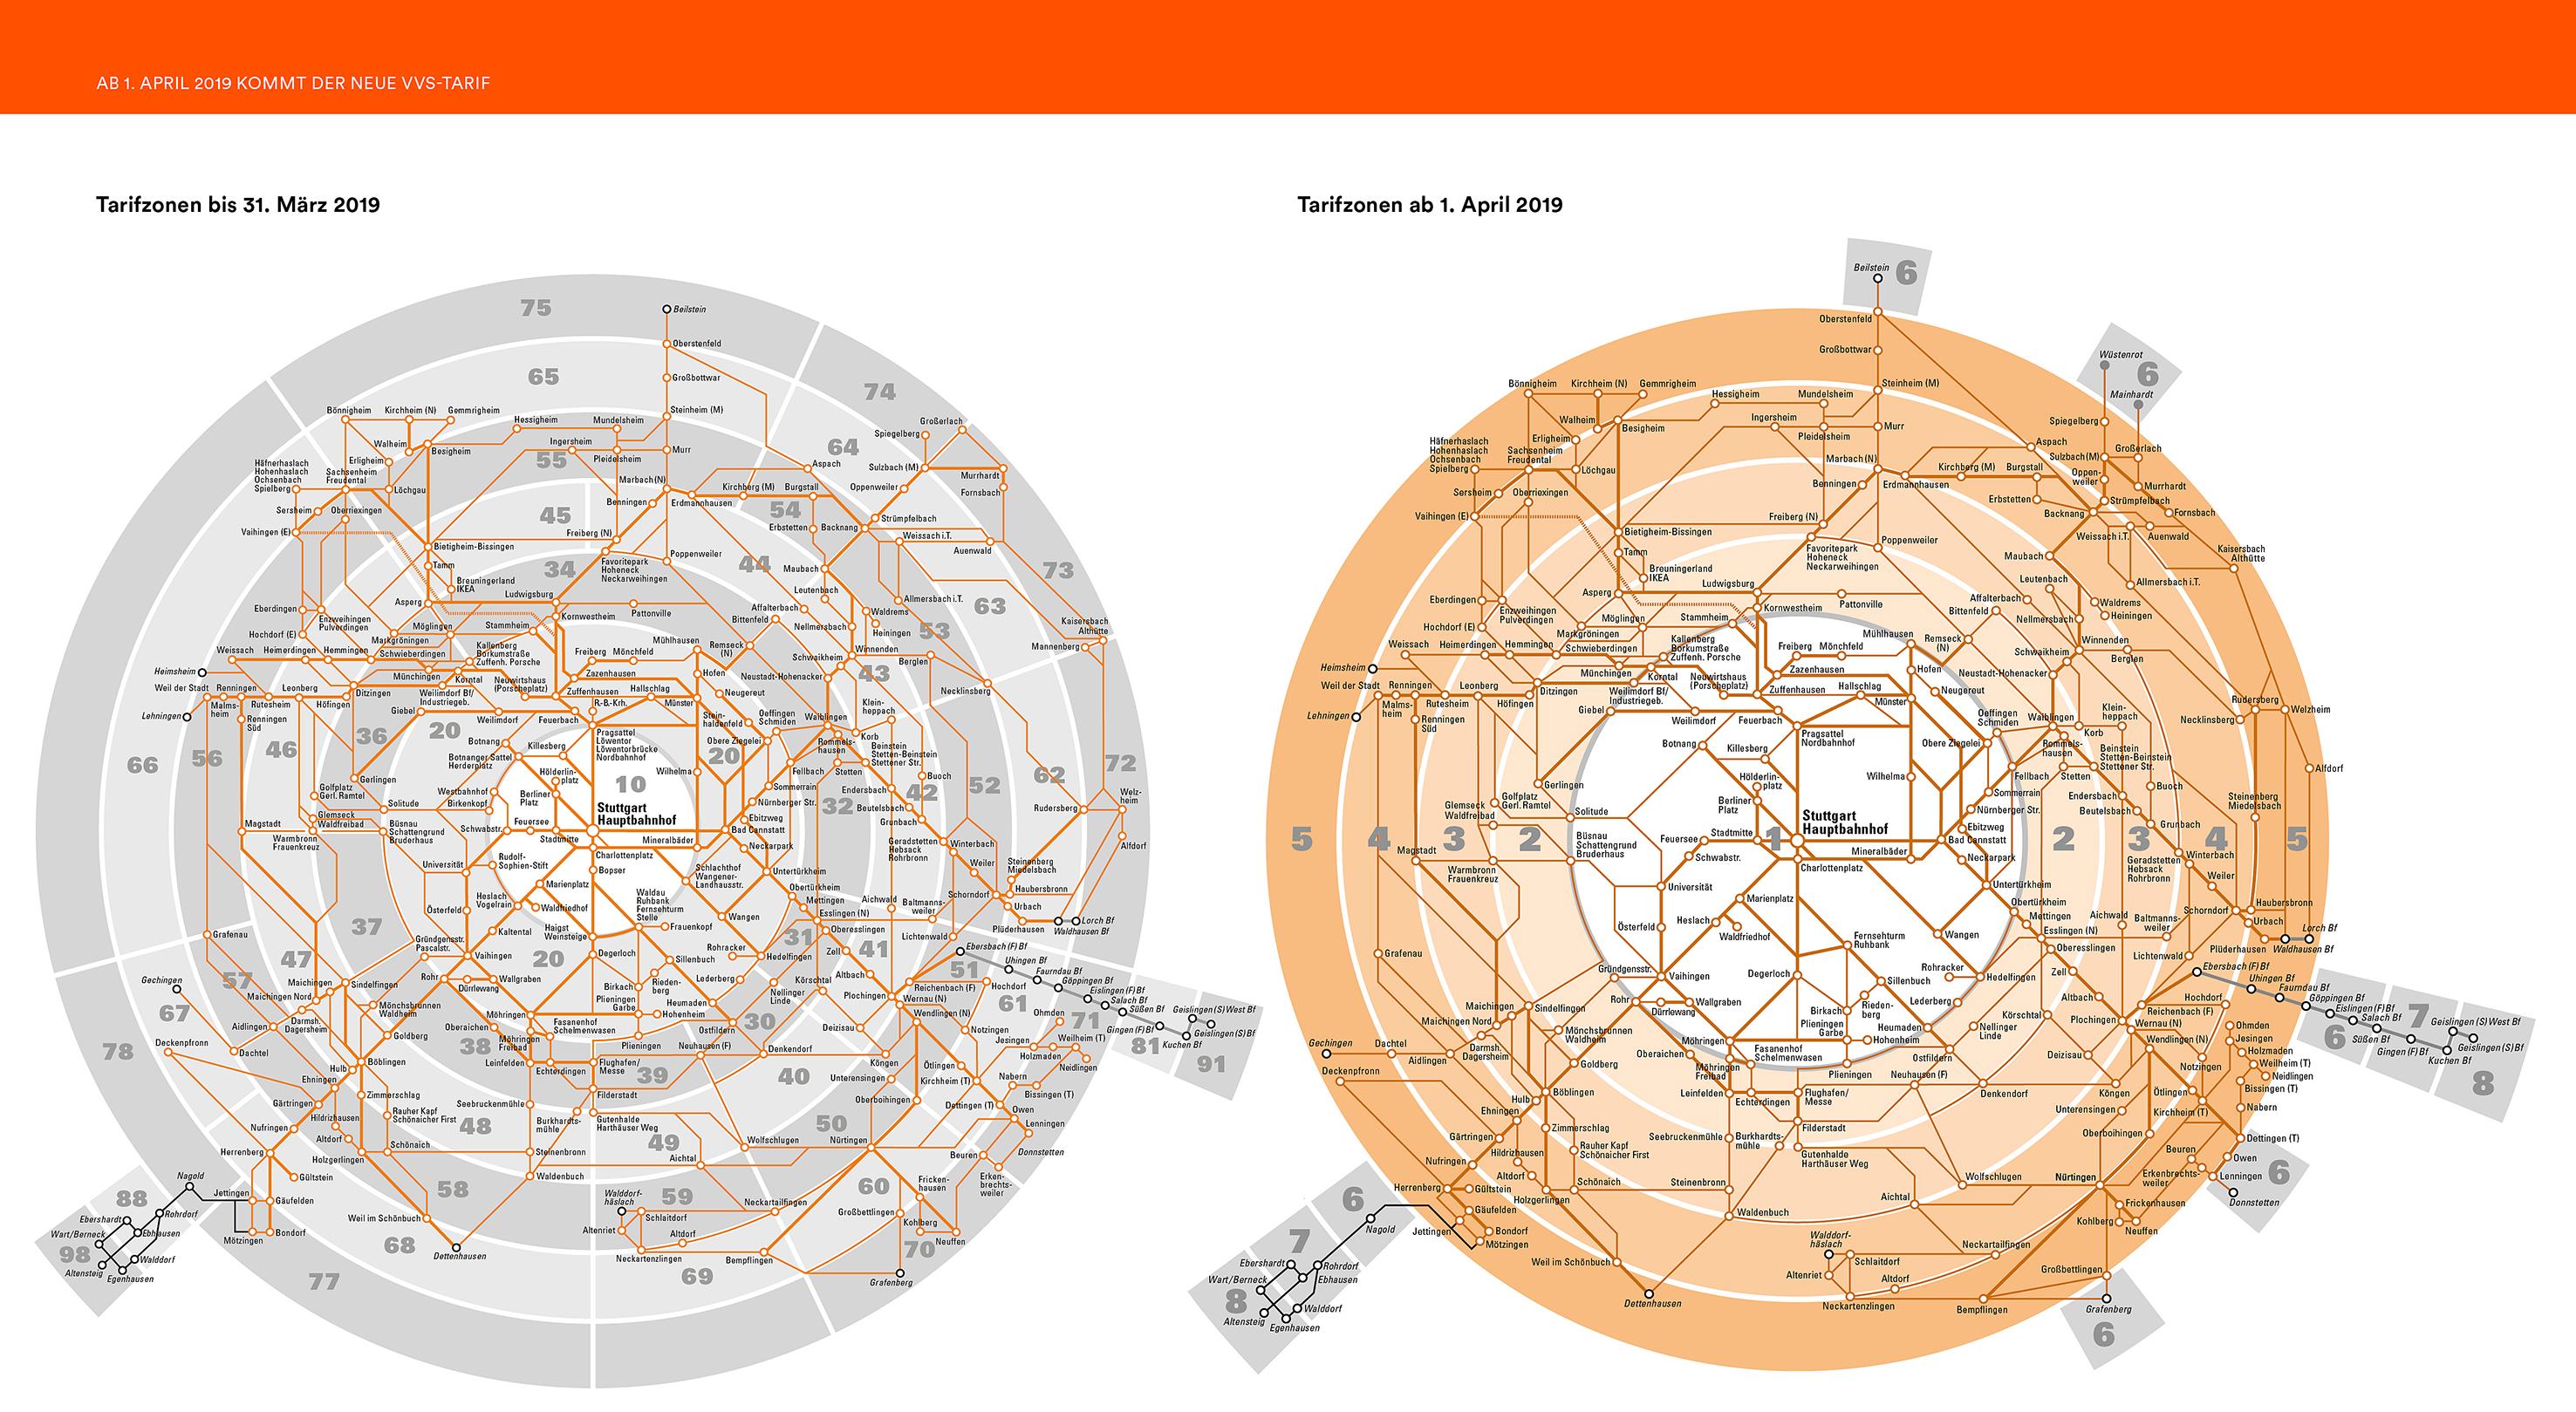 Mvv Zonen Karte.A Guide To The Public Transport In Stuttgart Living In